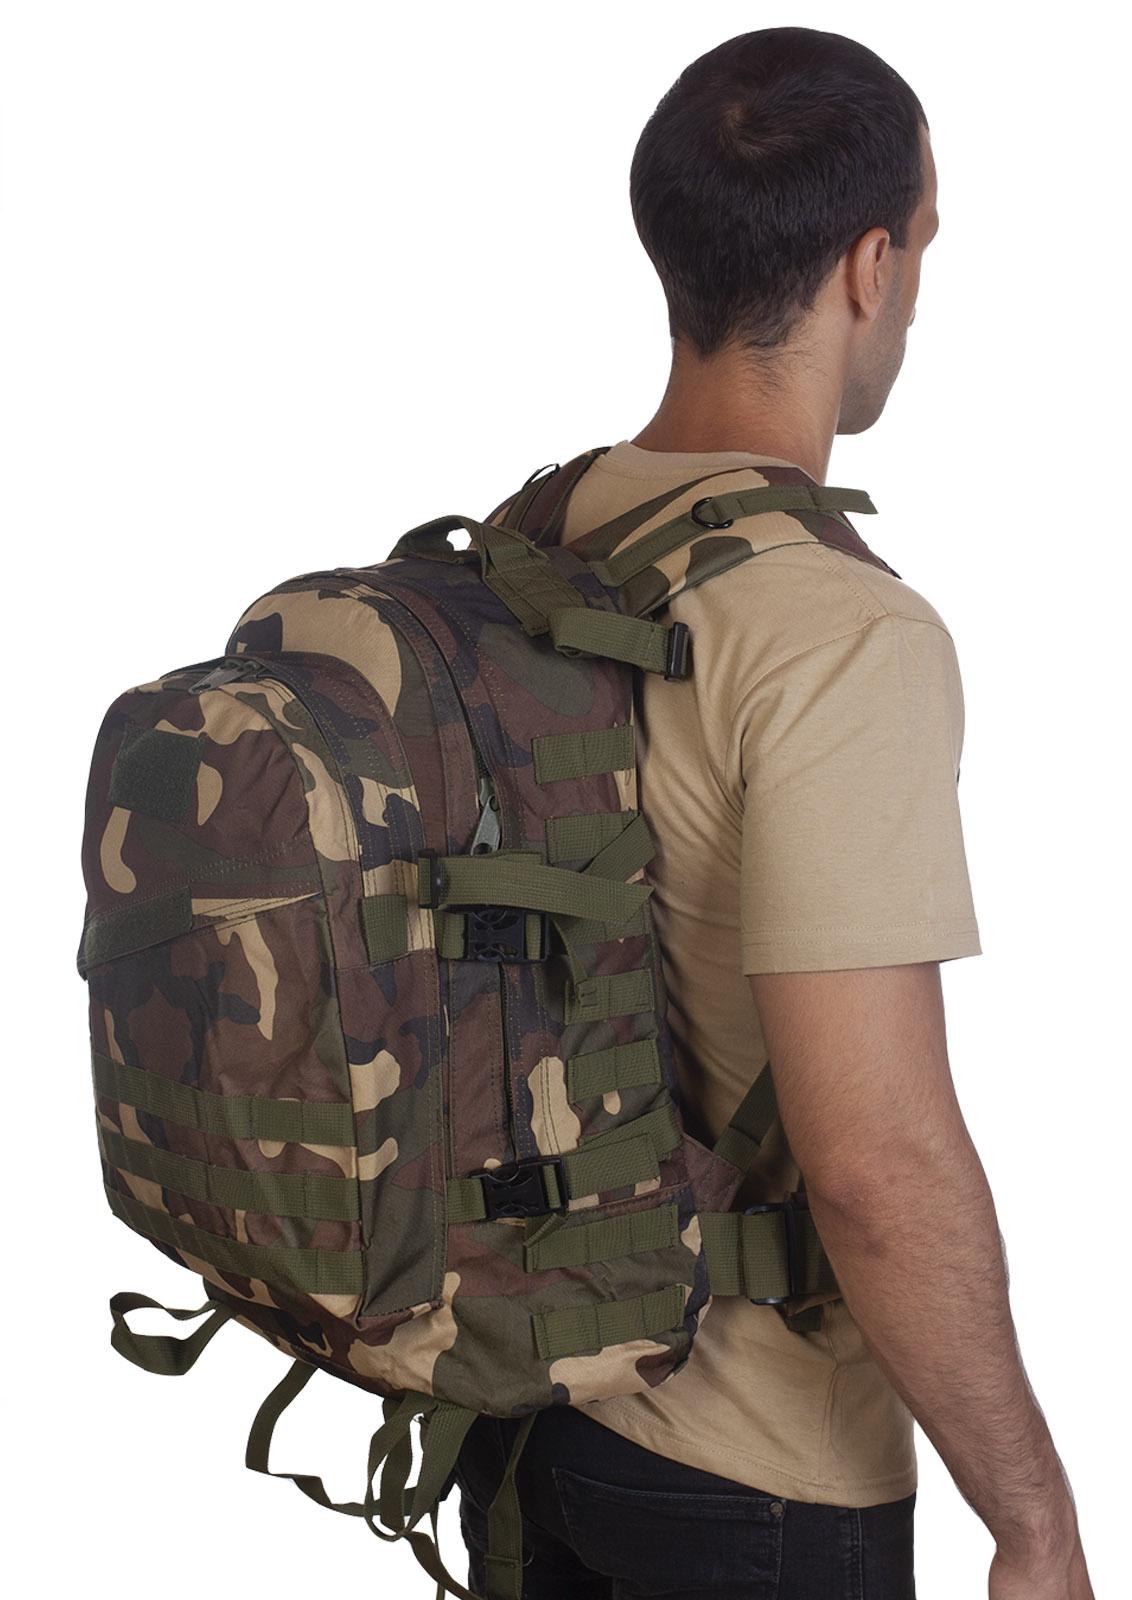 Камуфляжный рюкзак расцветки Woodland - купить онлайн